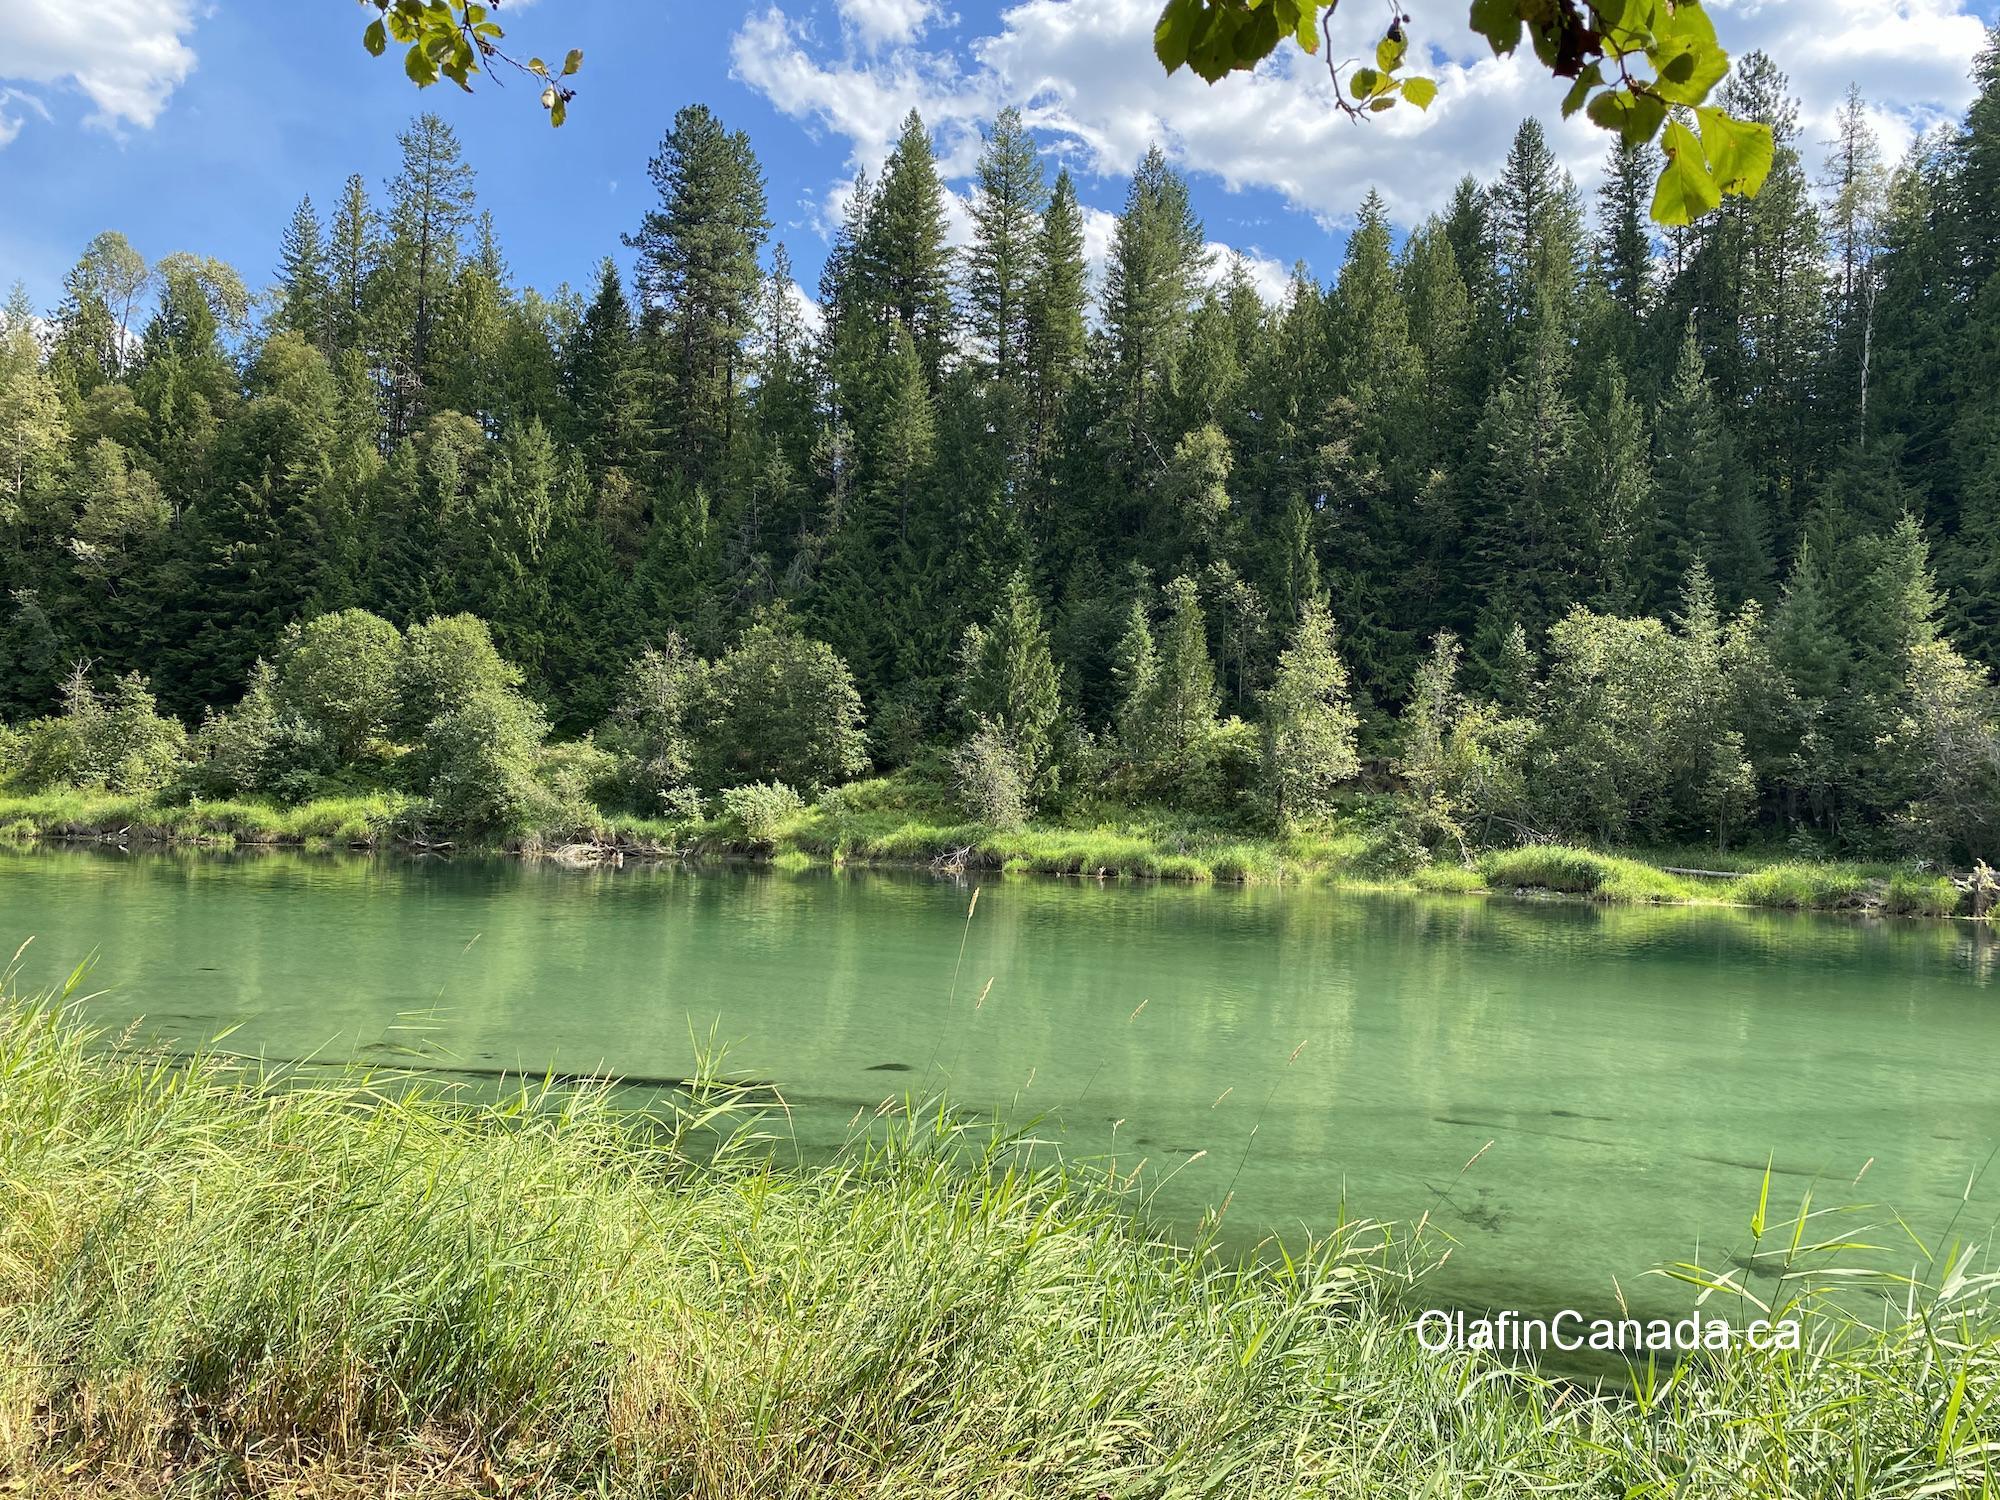 Green coloured river #olafincanada #britishcolumbia #discoverbc #landscape #coloursofgreen